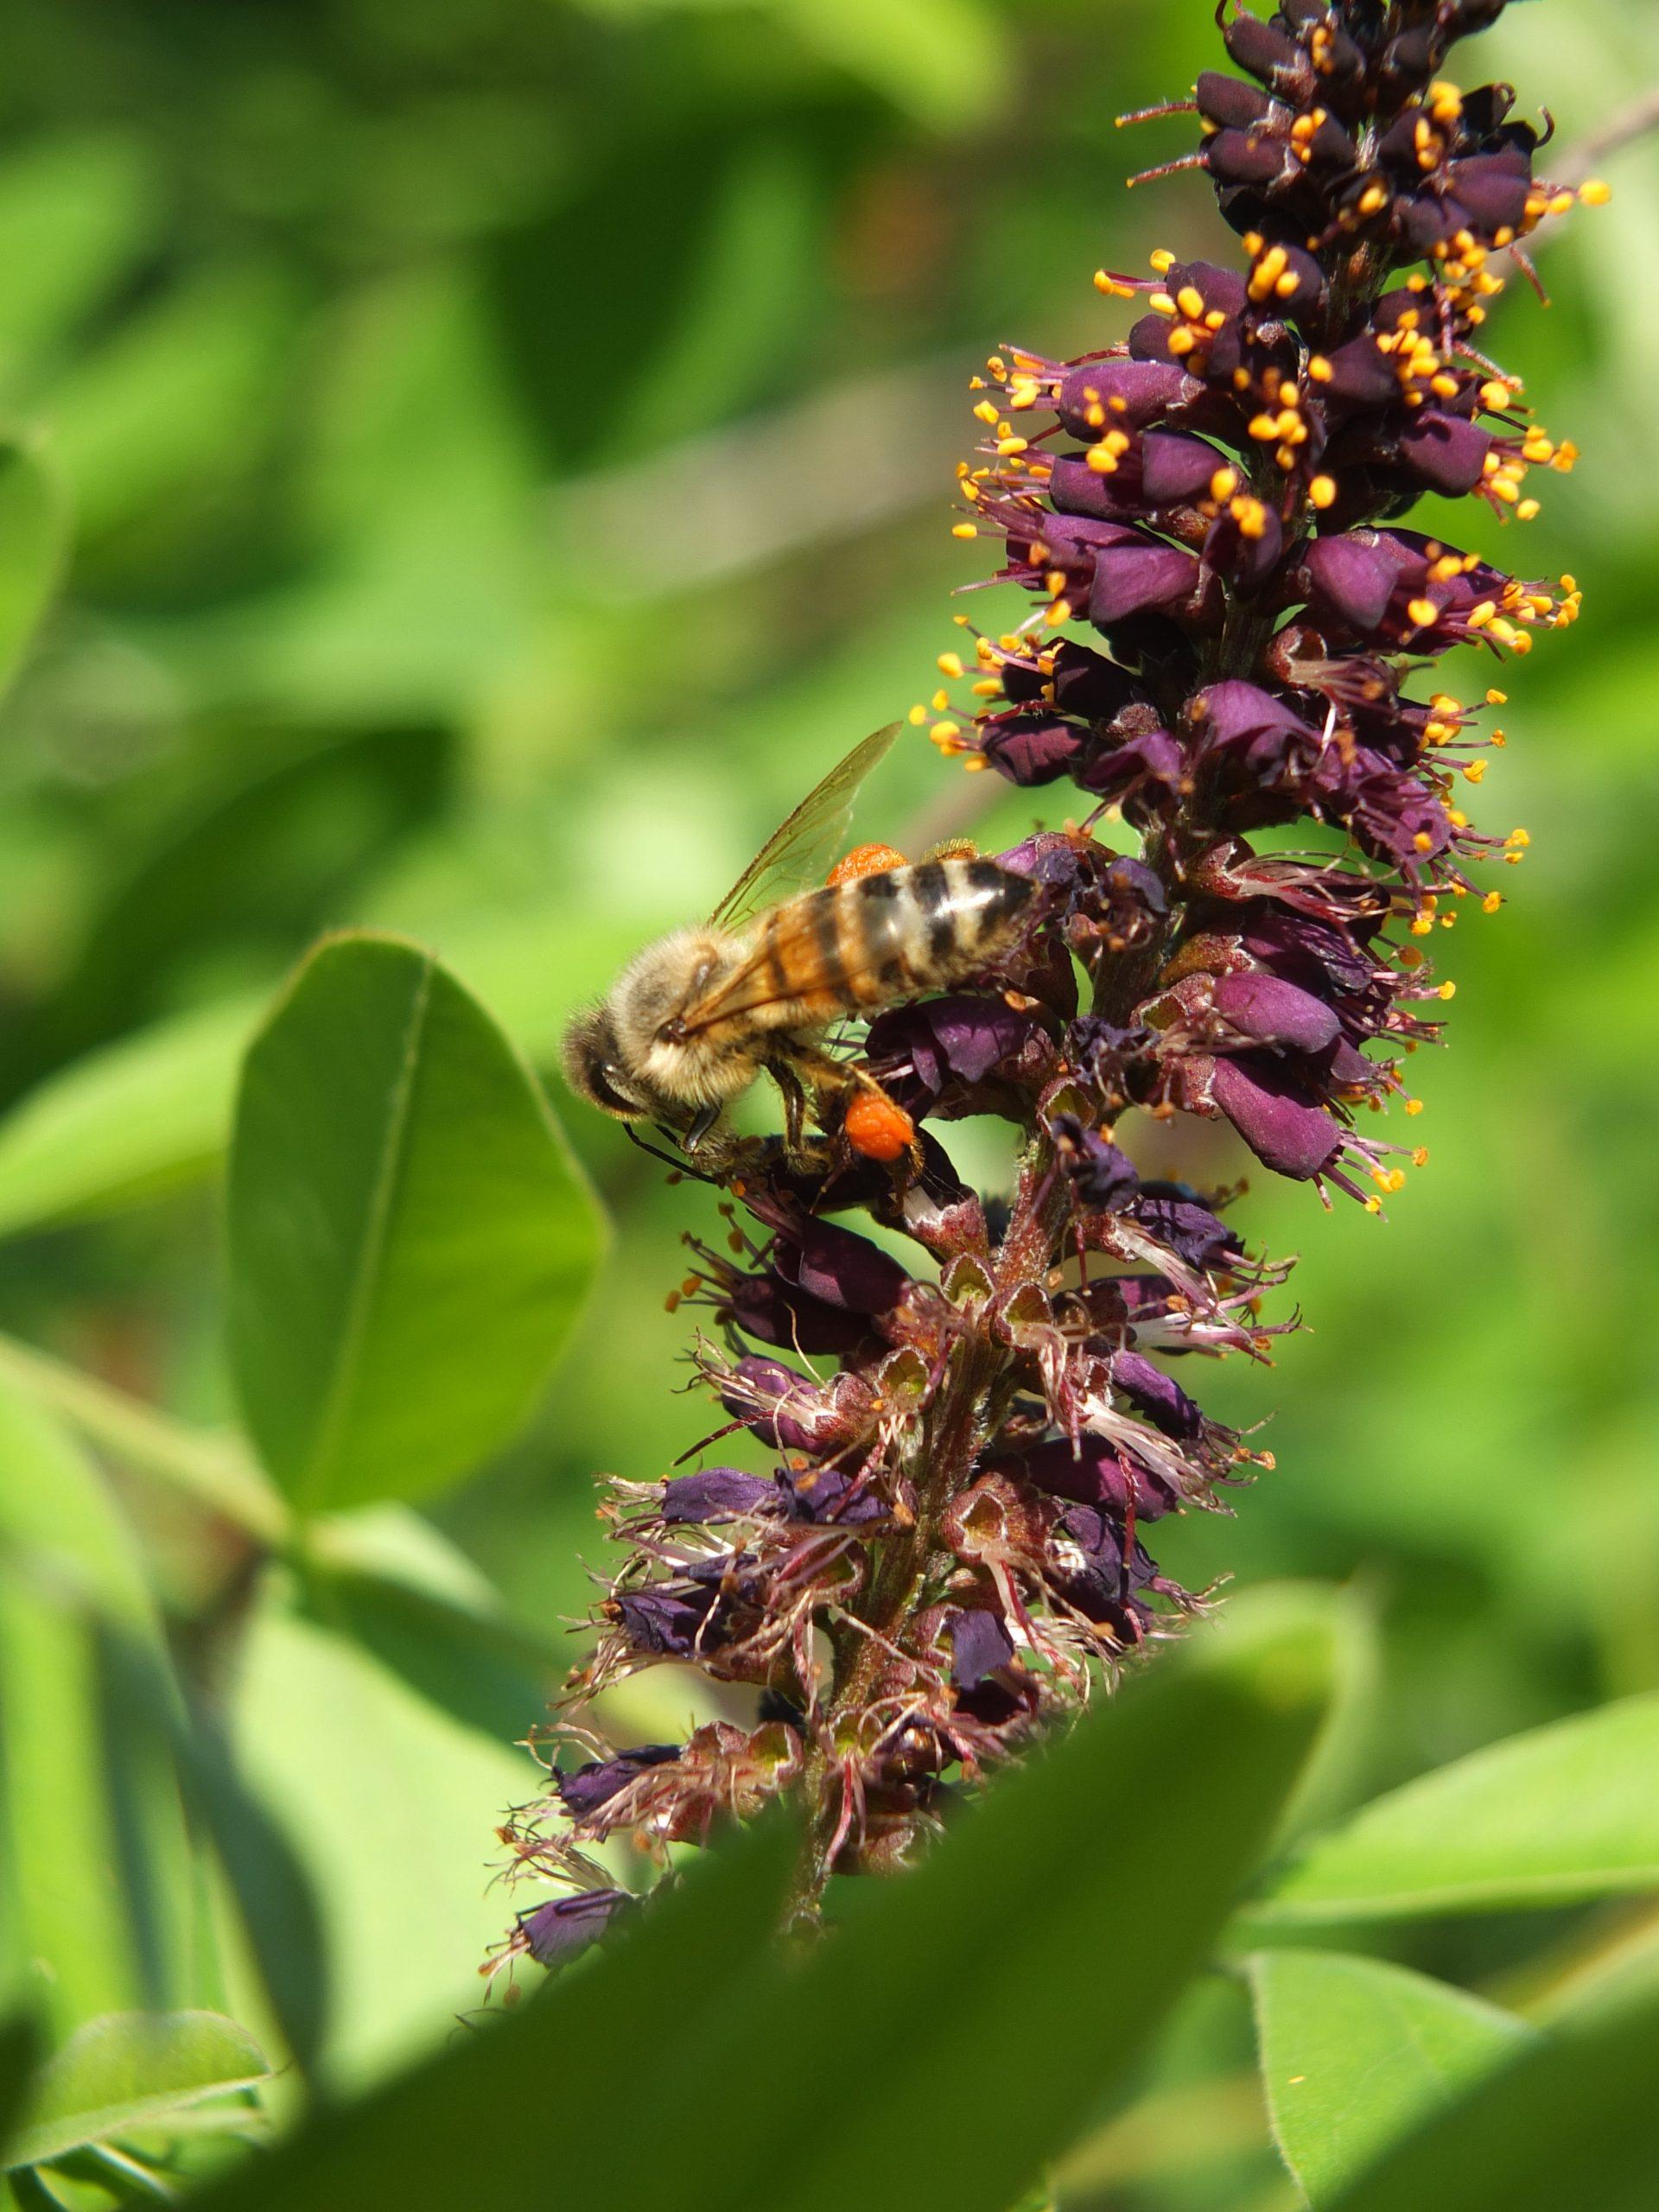 Pszczoły uwielbiają ten krzew, jest on bardzo miododajny, pyłek ma charakterystyczny ceglany kolor. Kwiaty w długich, gęstych gronach, purpurowo fioletowe o nieprzyjemnym zapachu. Posiada dobrze rozbudowany system korzeniowy. Zastosowanie- wzmacnianie brzegów rzek - ochrona przed erozją, żywopłoty.